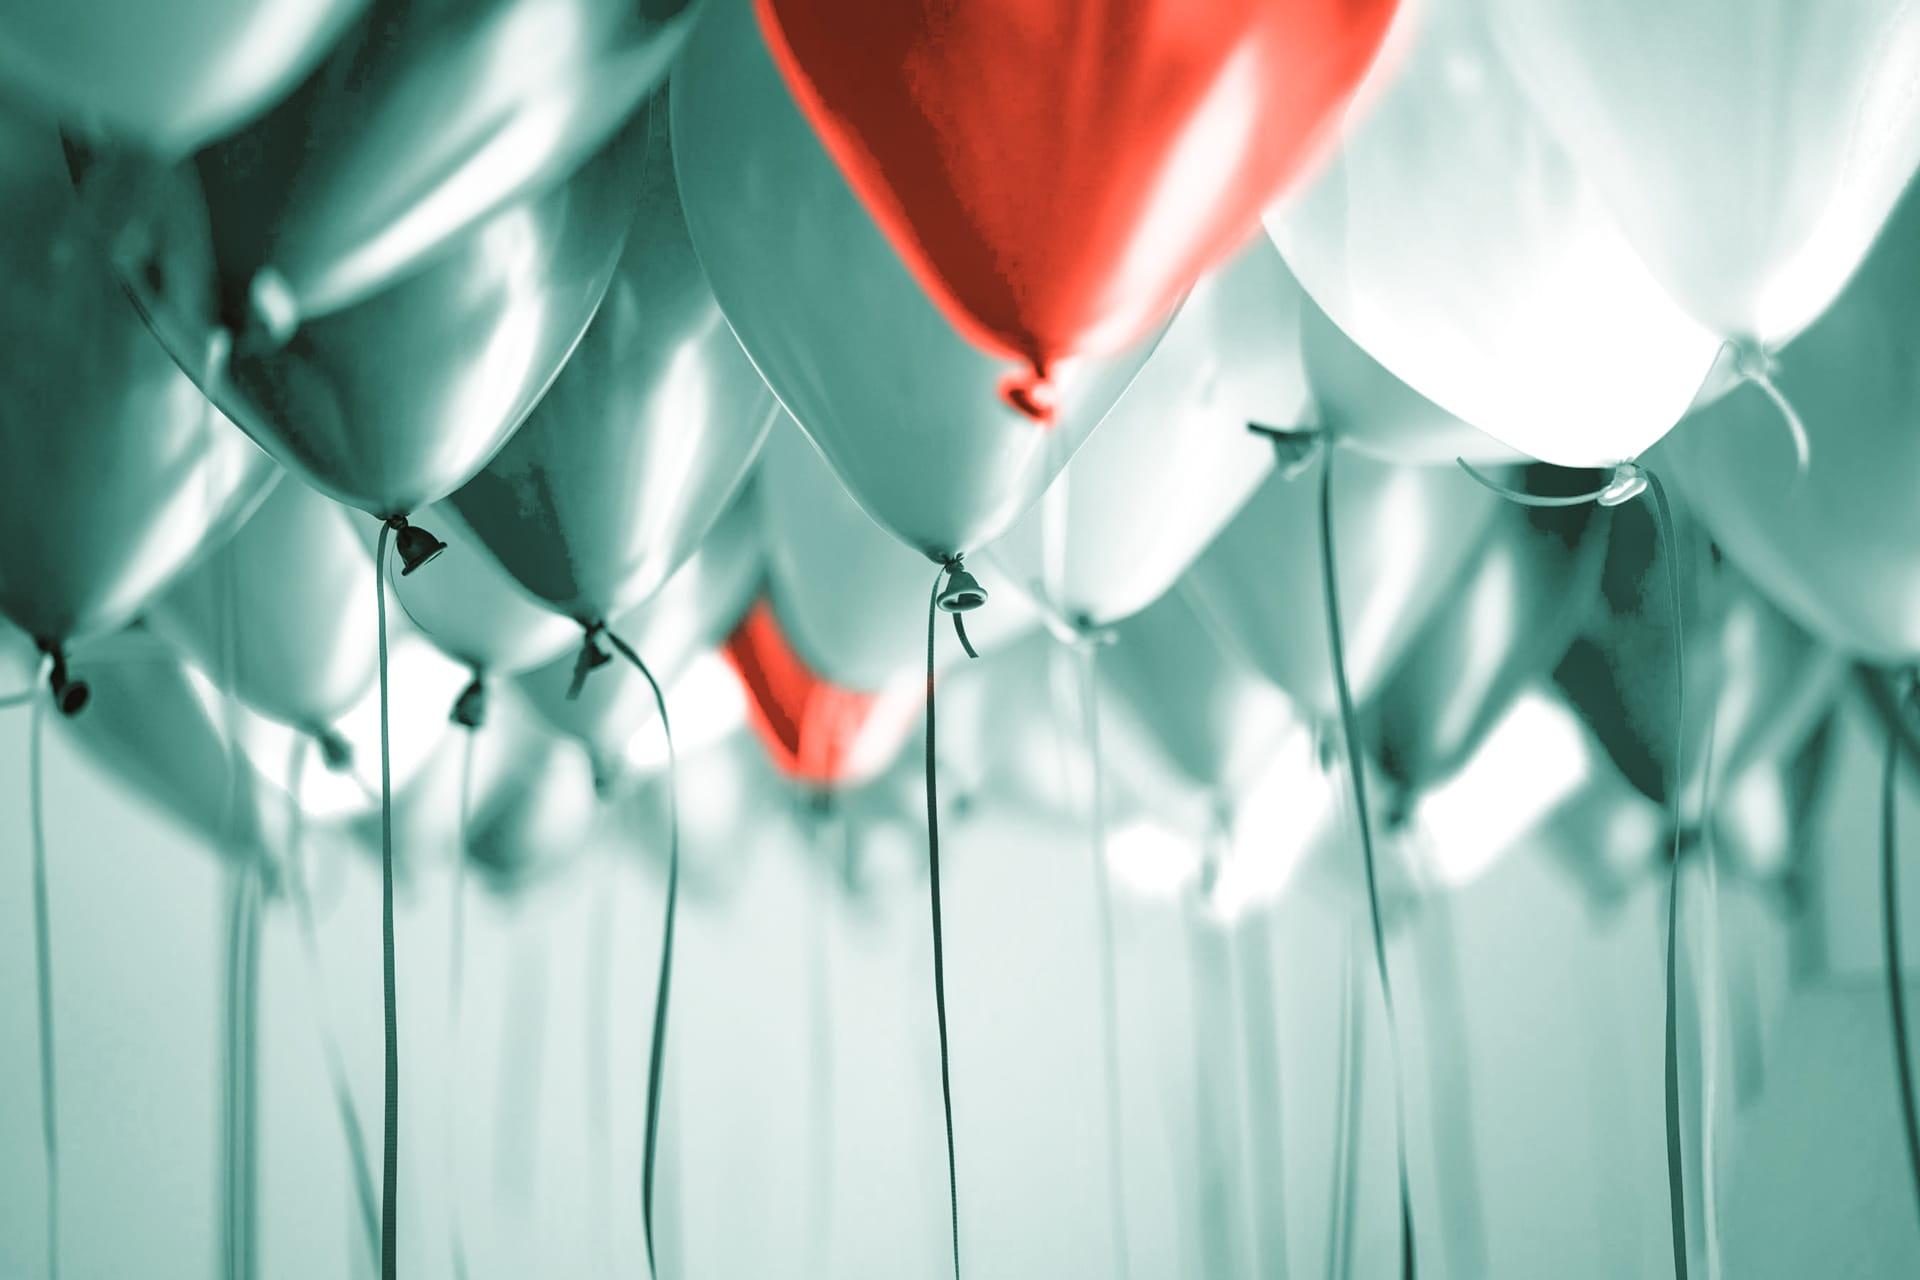 VW Bulli mieten Junggesellenabschied Party Ausflug Luftballons Frauen Mädelsausflug Überraschung Geschenk